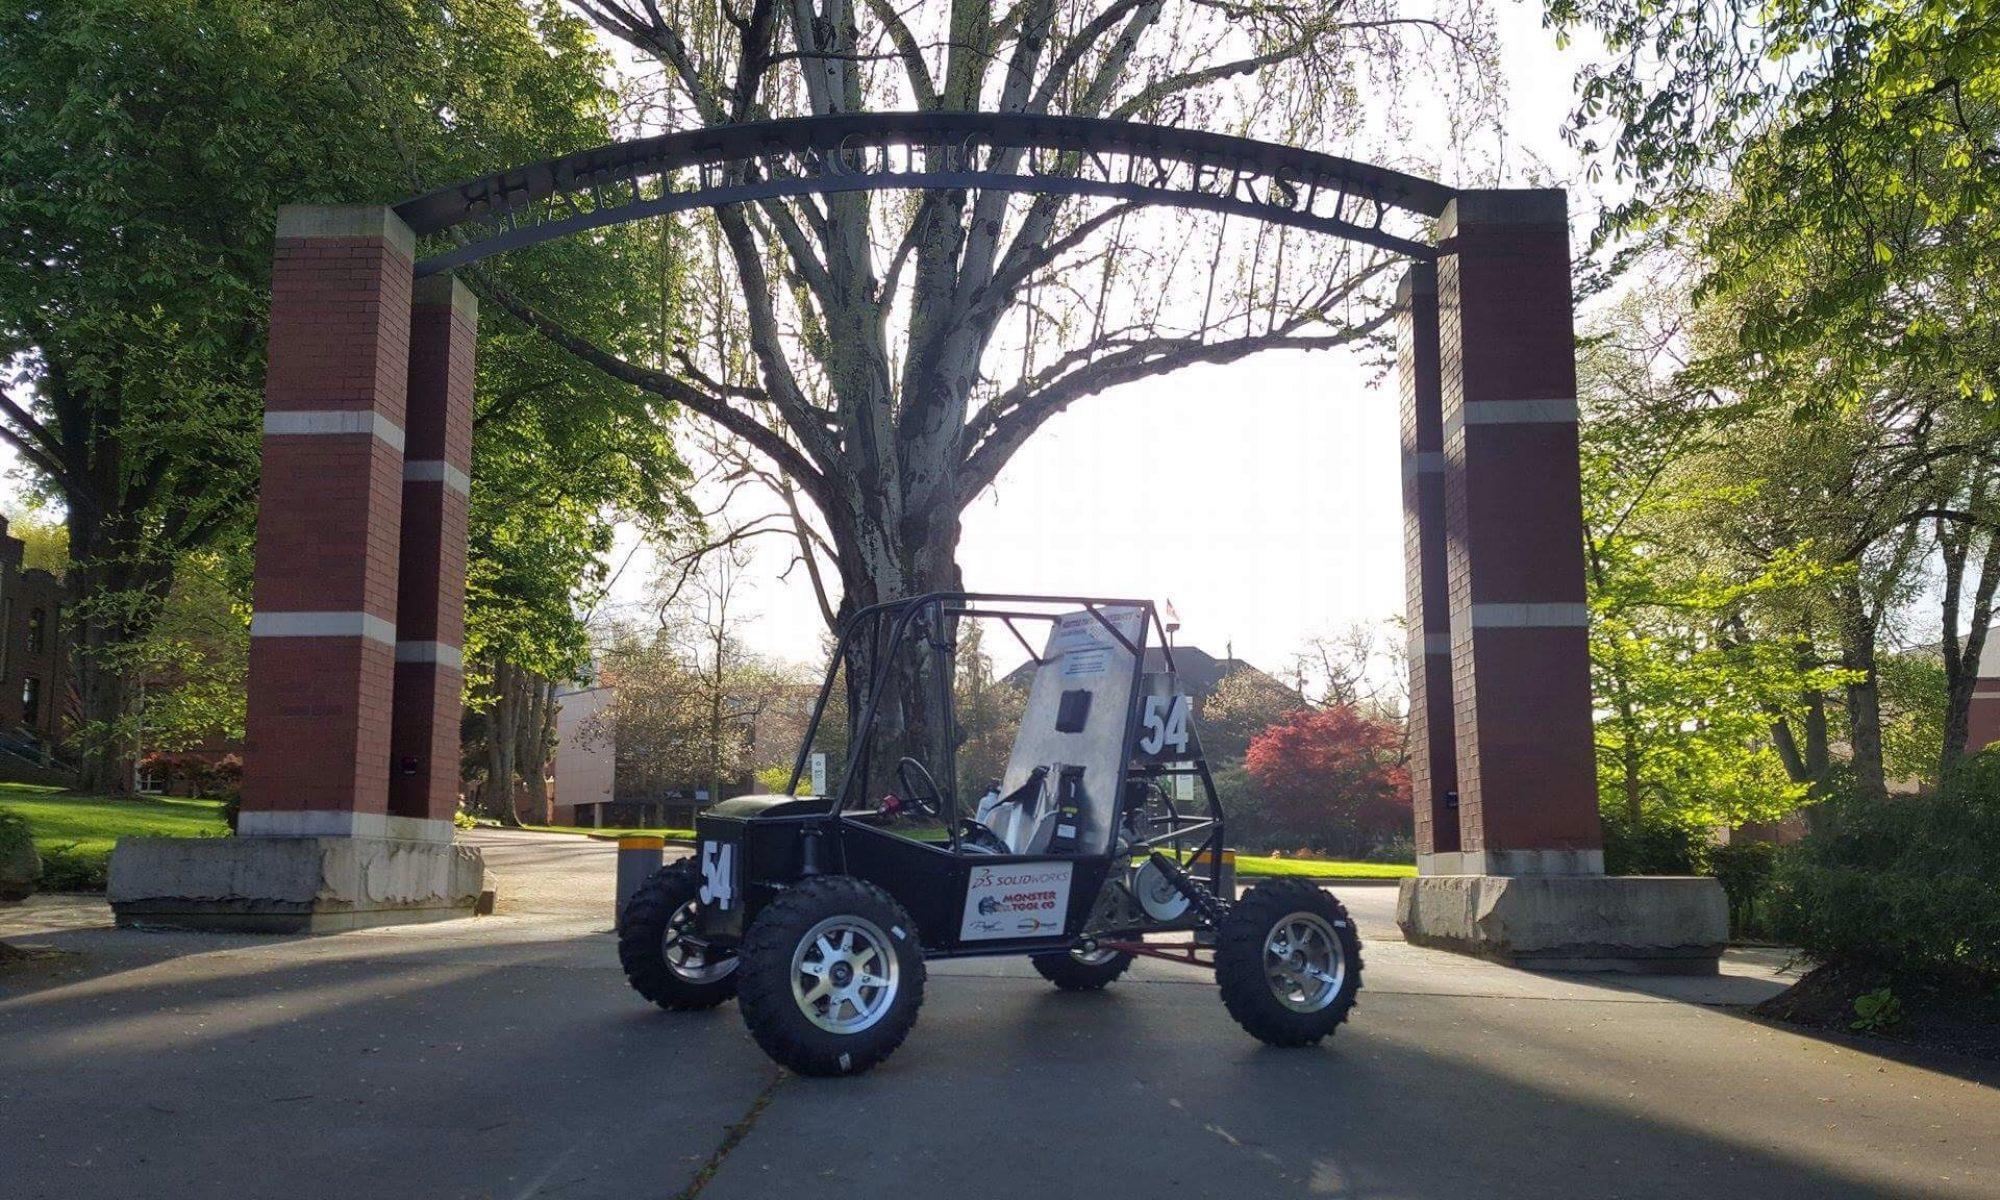 SPU Falcon Racing